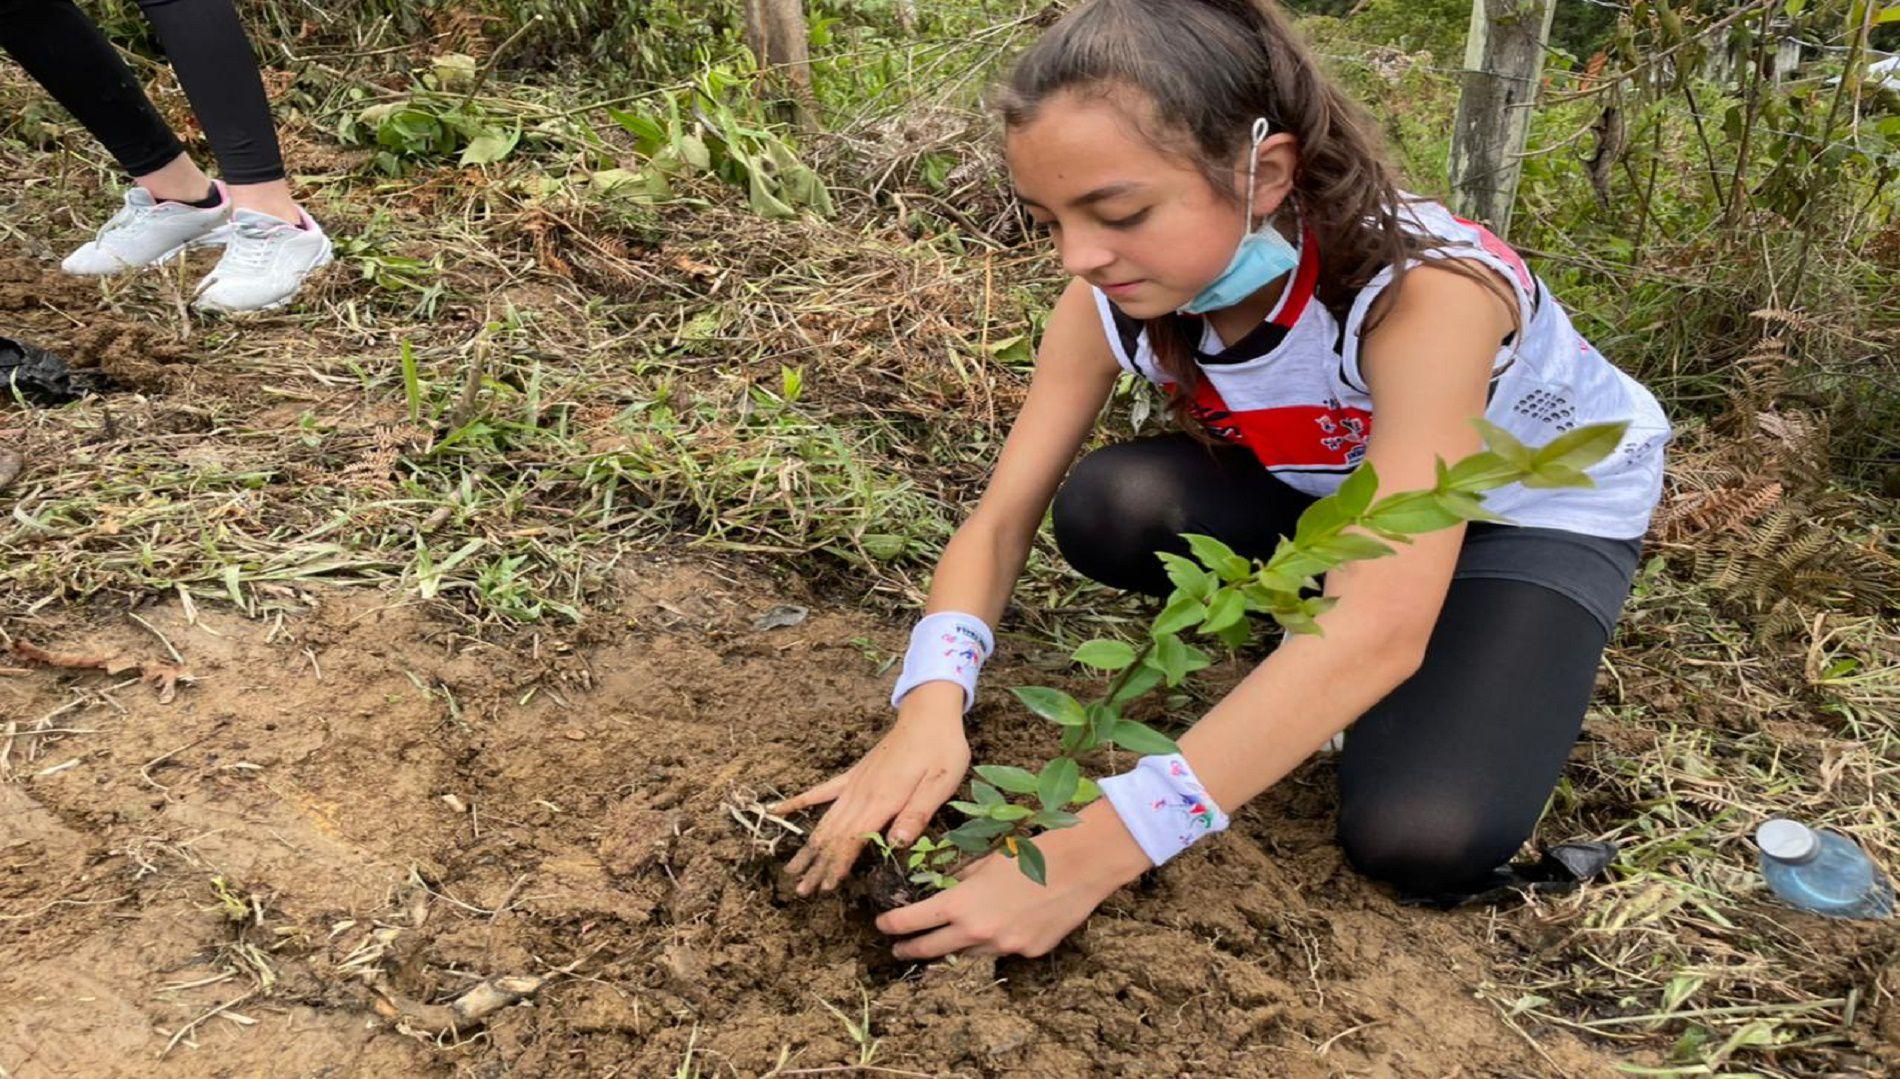 La siembra de especies nativas fue el premio para niños y niñas que participaron en carrera medioambiental en Ubalá, Cundinamarca